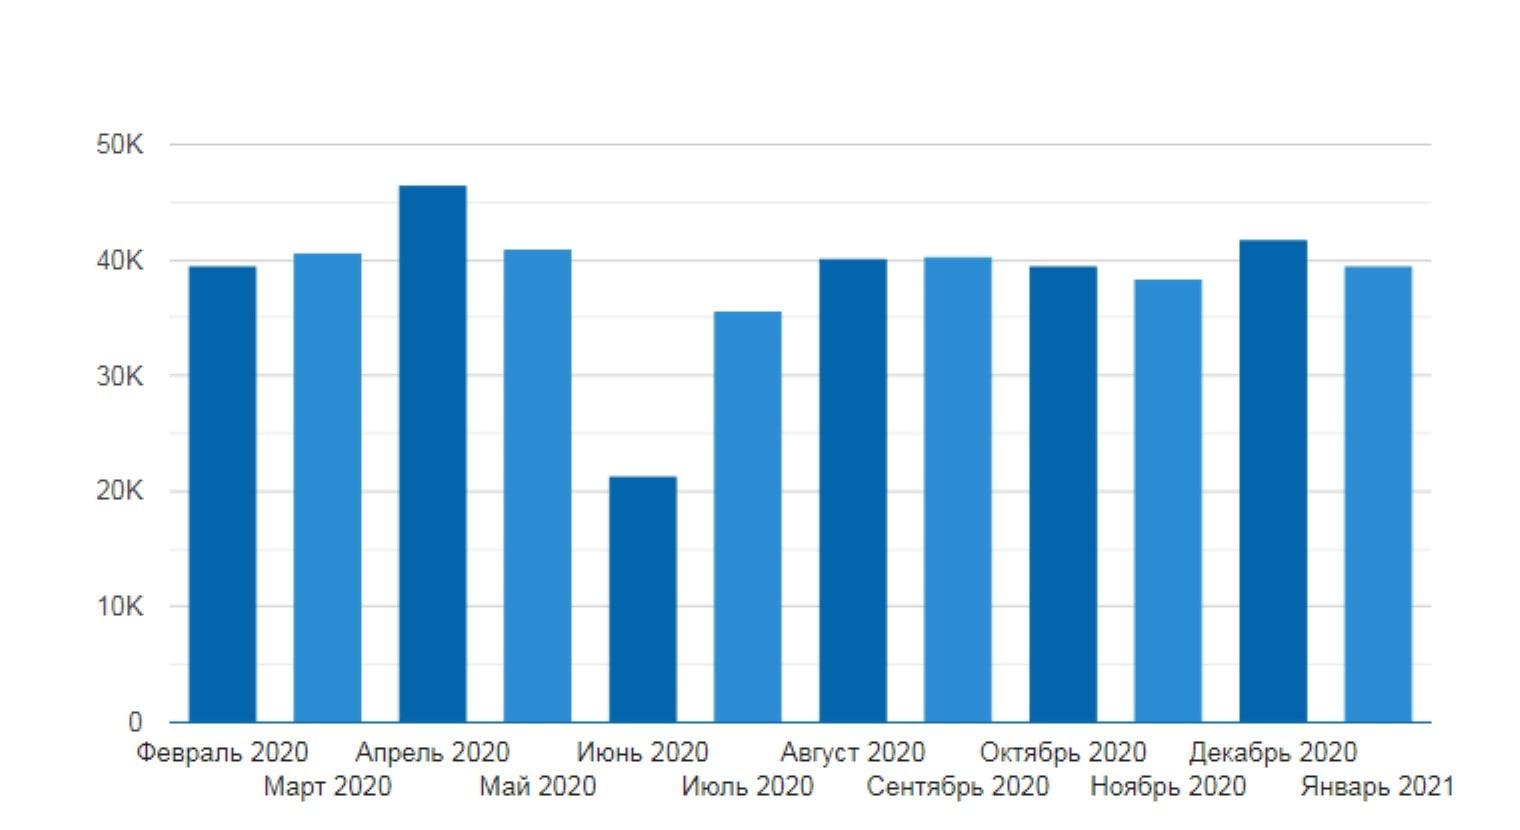 Средняя зарплата веб-дизайнера в РФ за последние 12 месяцев. Данные с сайта russia.trud.com